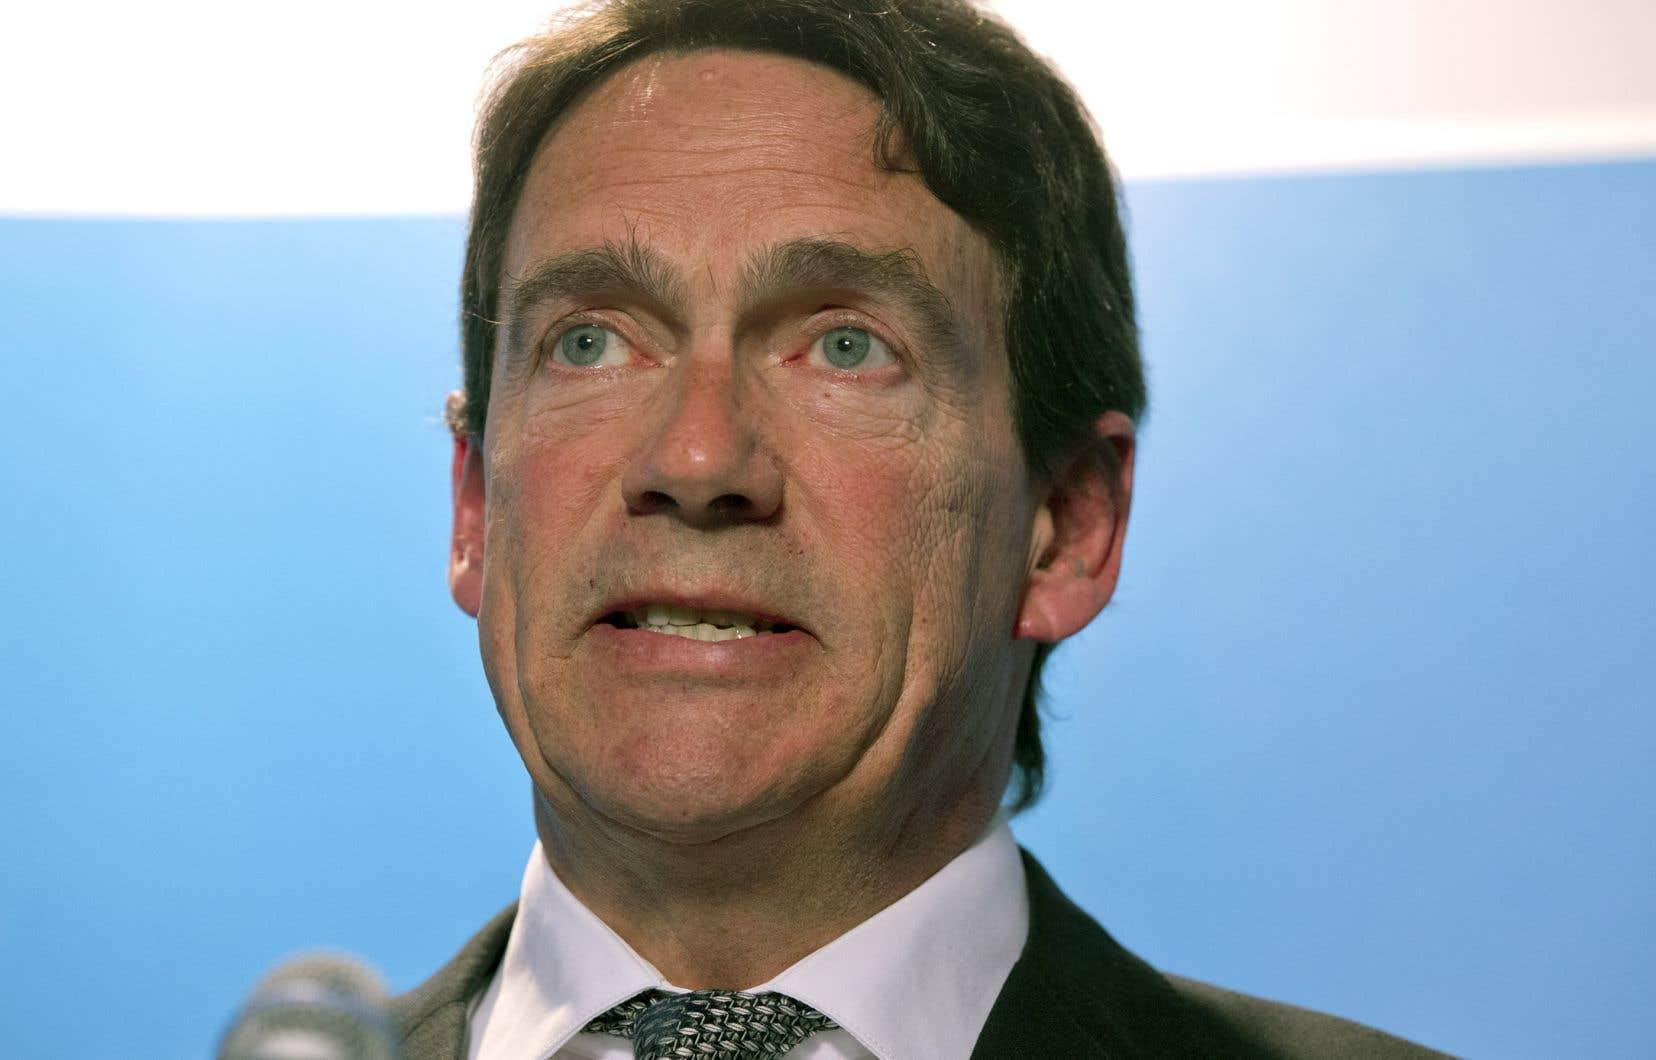 M.Péladeau s'est inscrit au Registre pour une période d'une seule journée, soit le 28février 2019, date où il a rencontré le ministre des Transports, François Bonnardel.